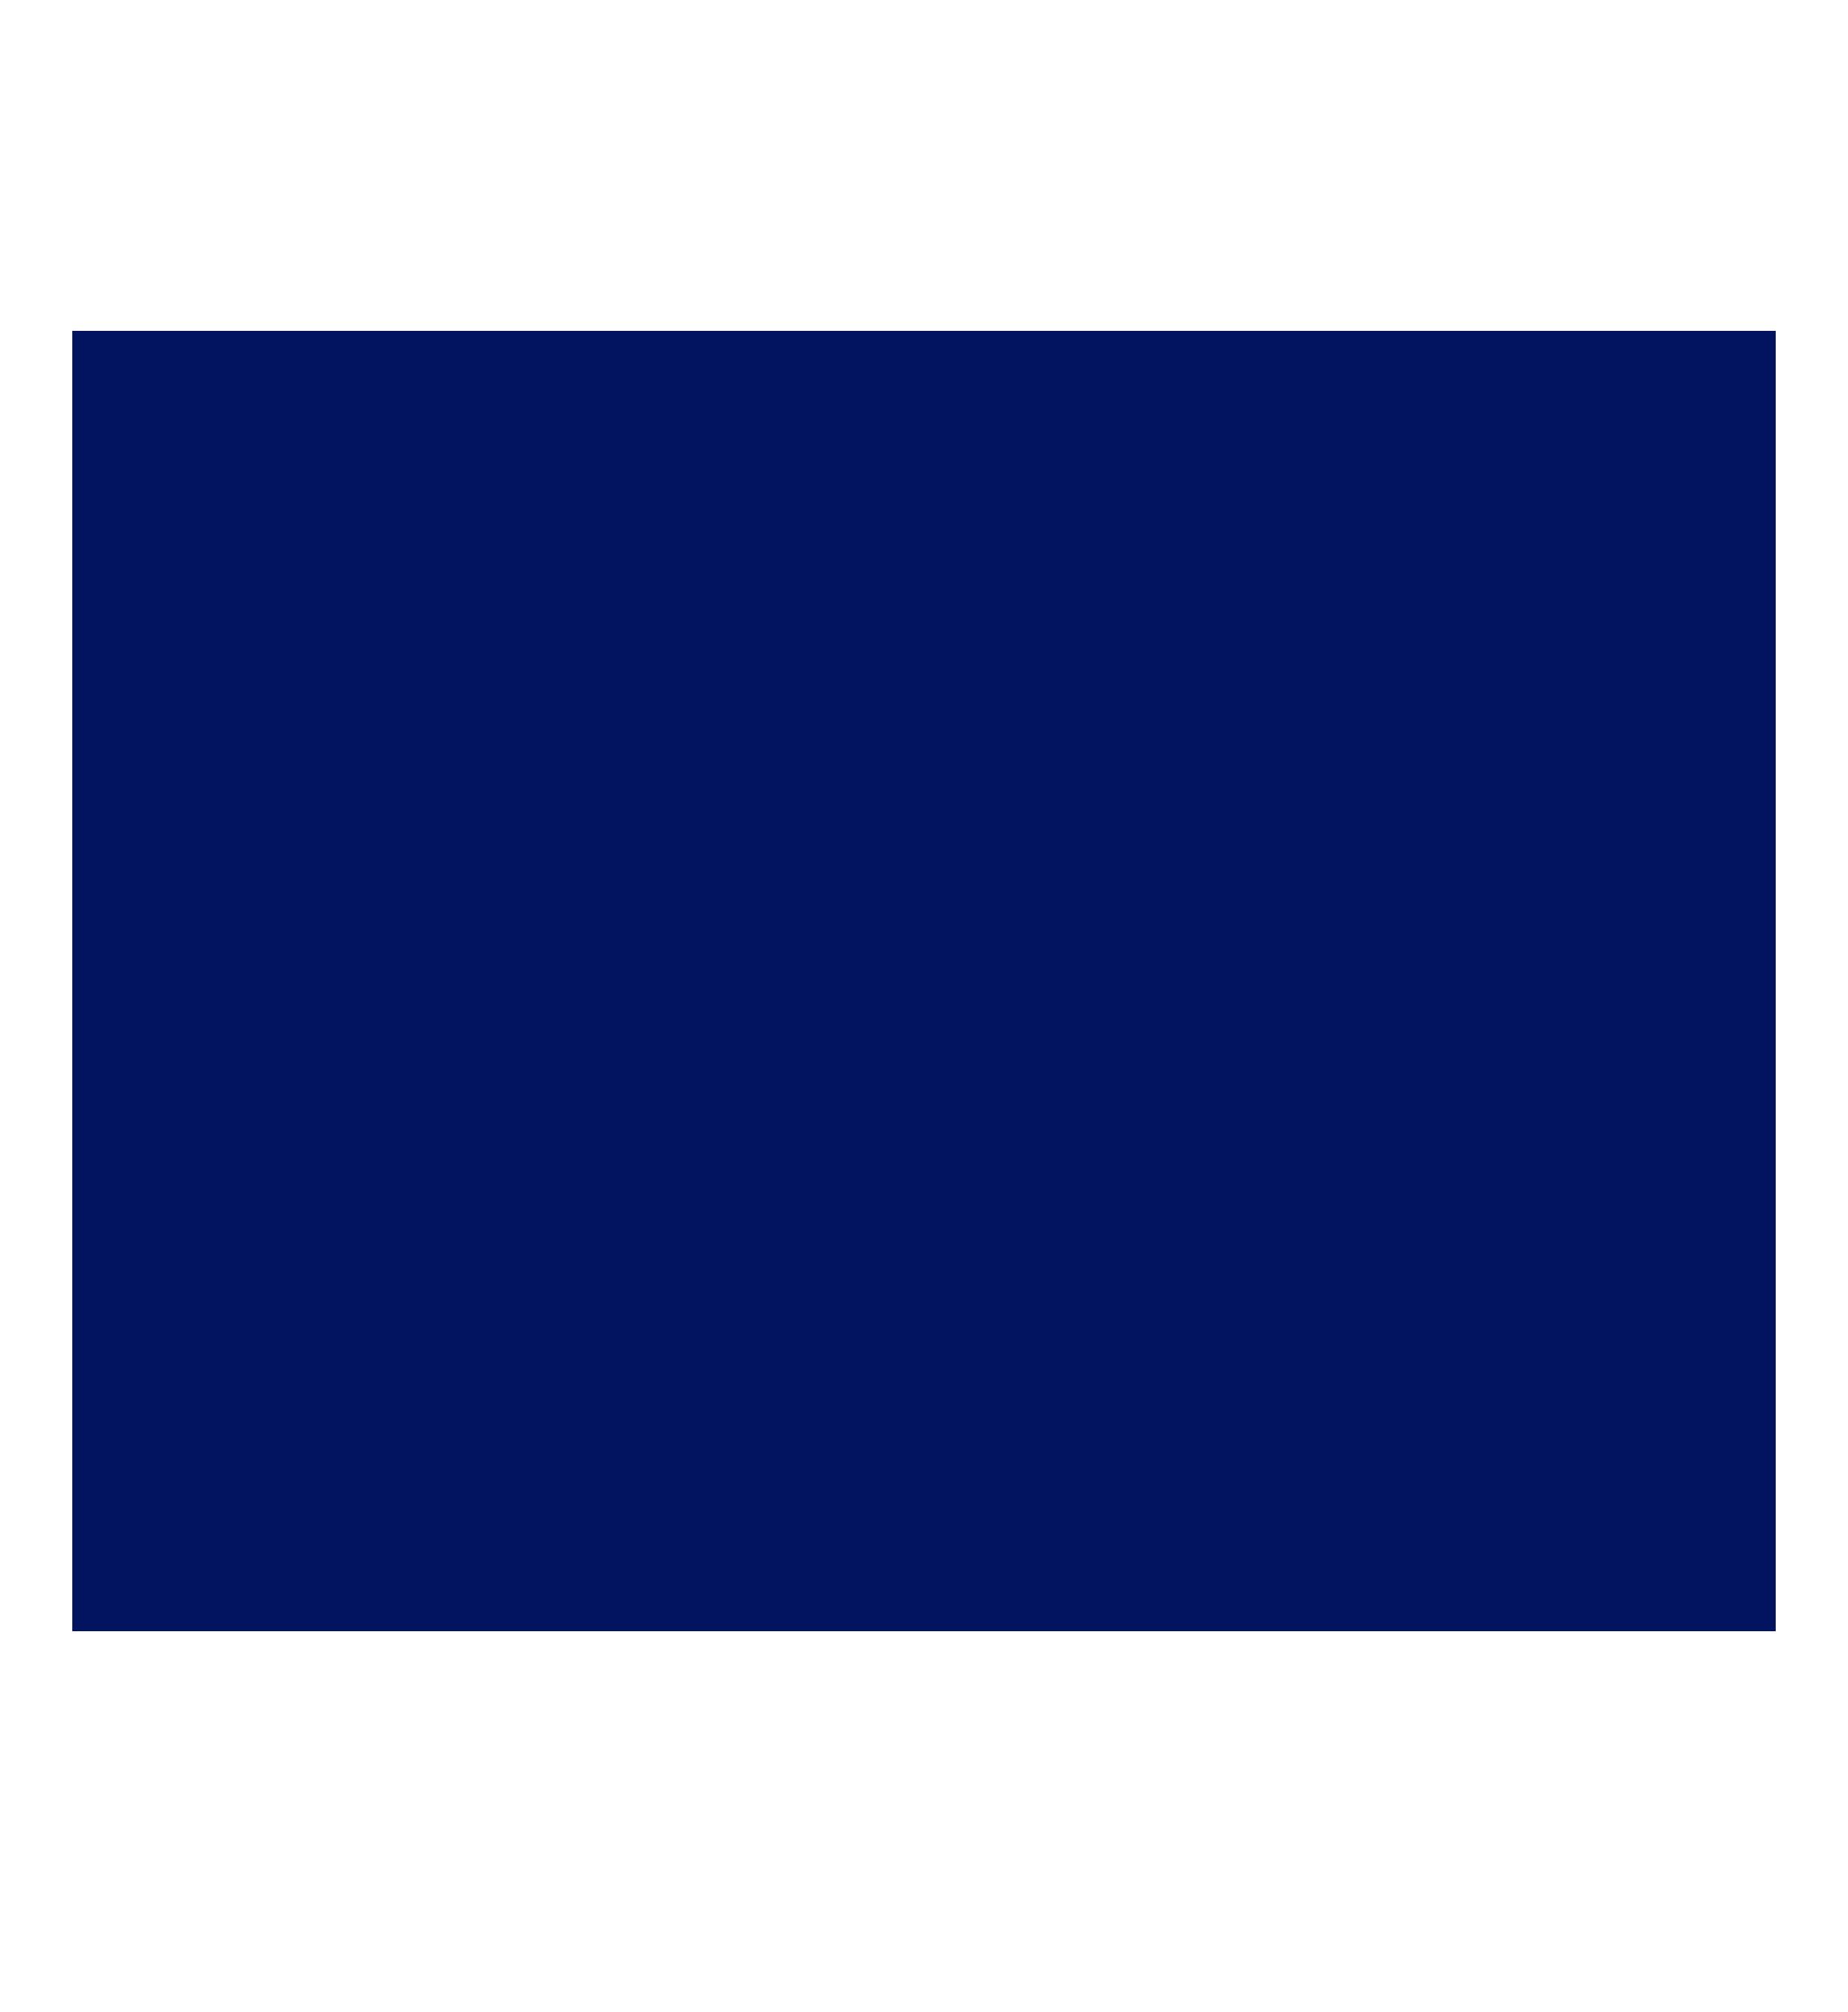 fund logo image